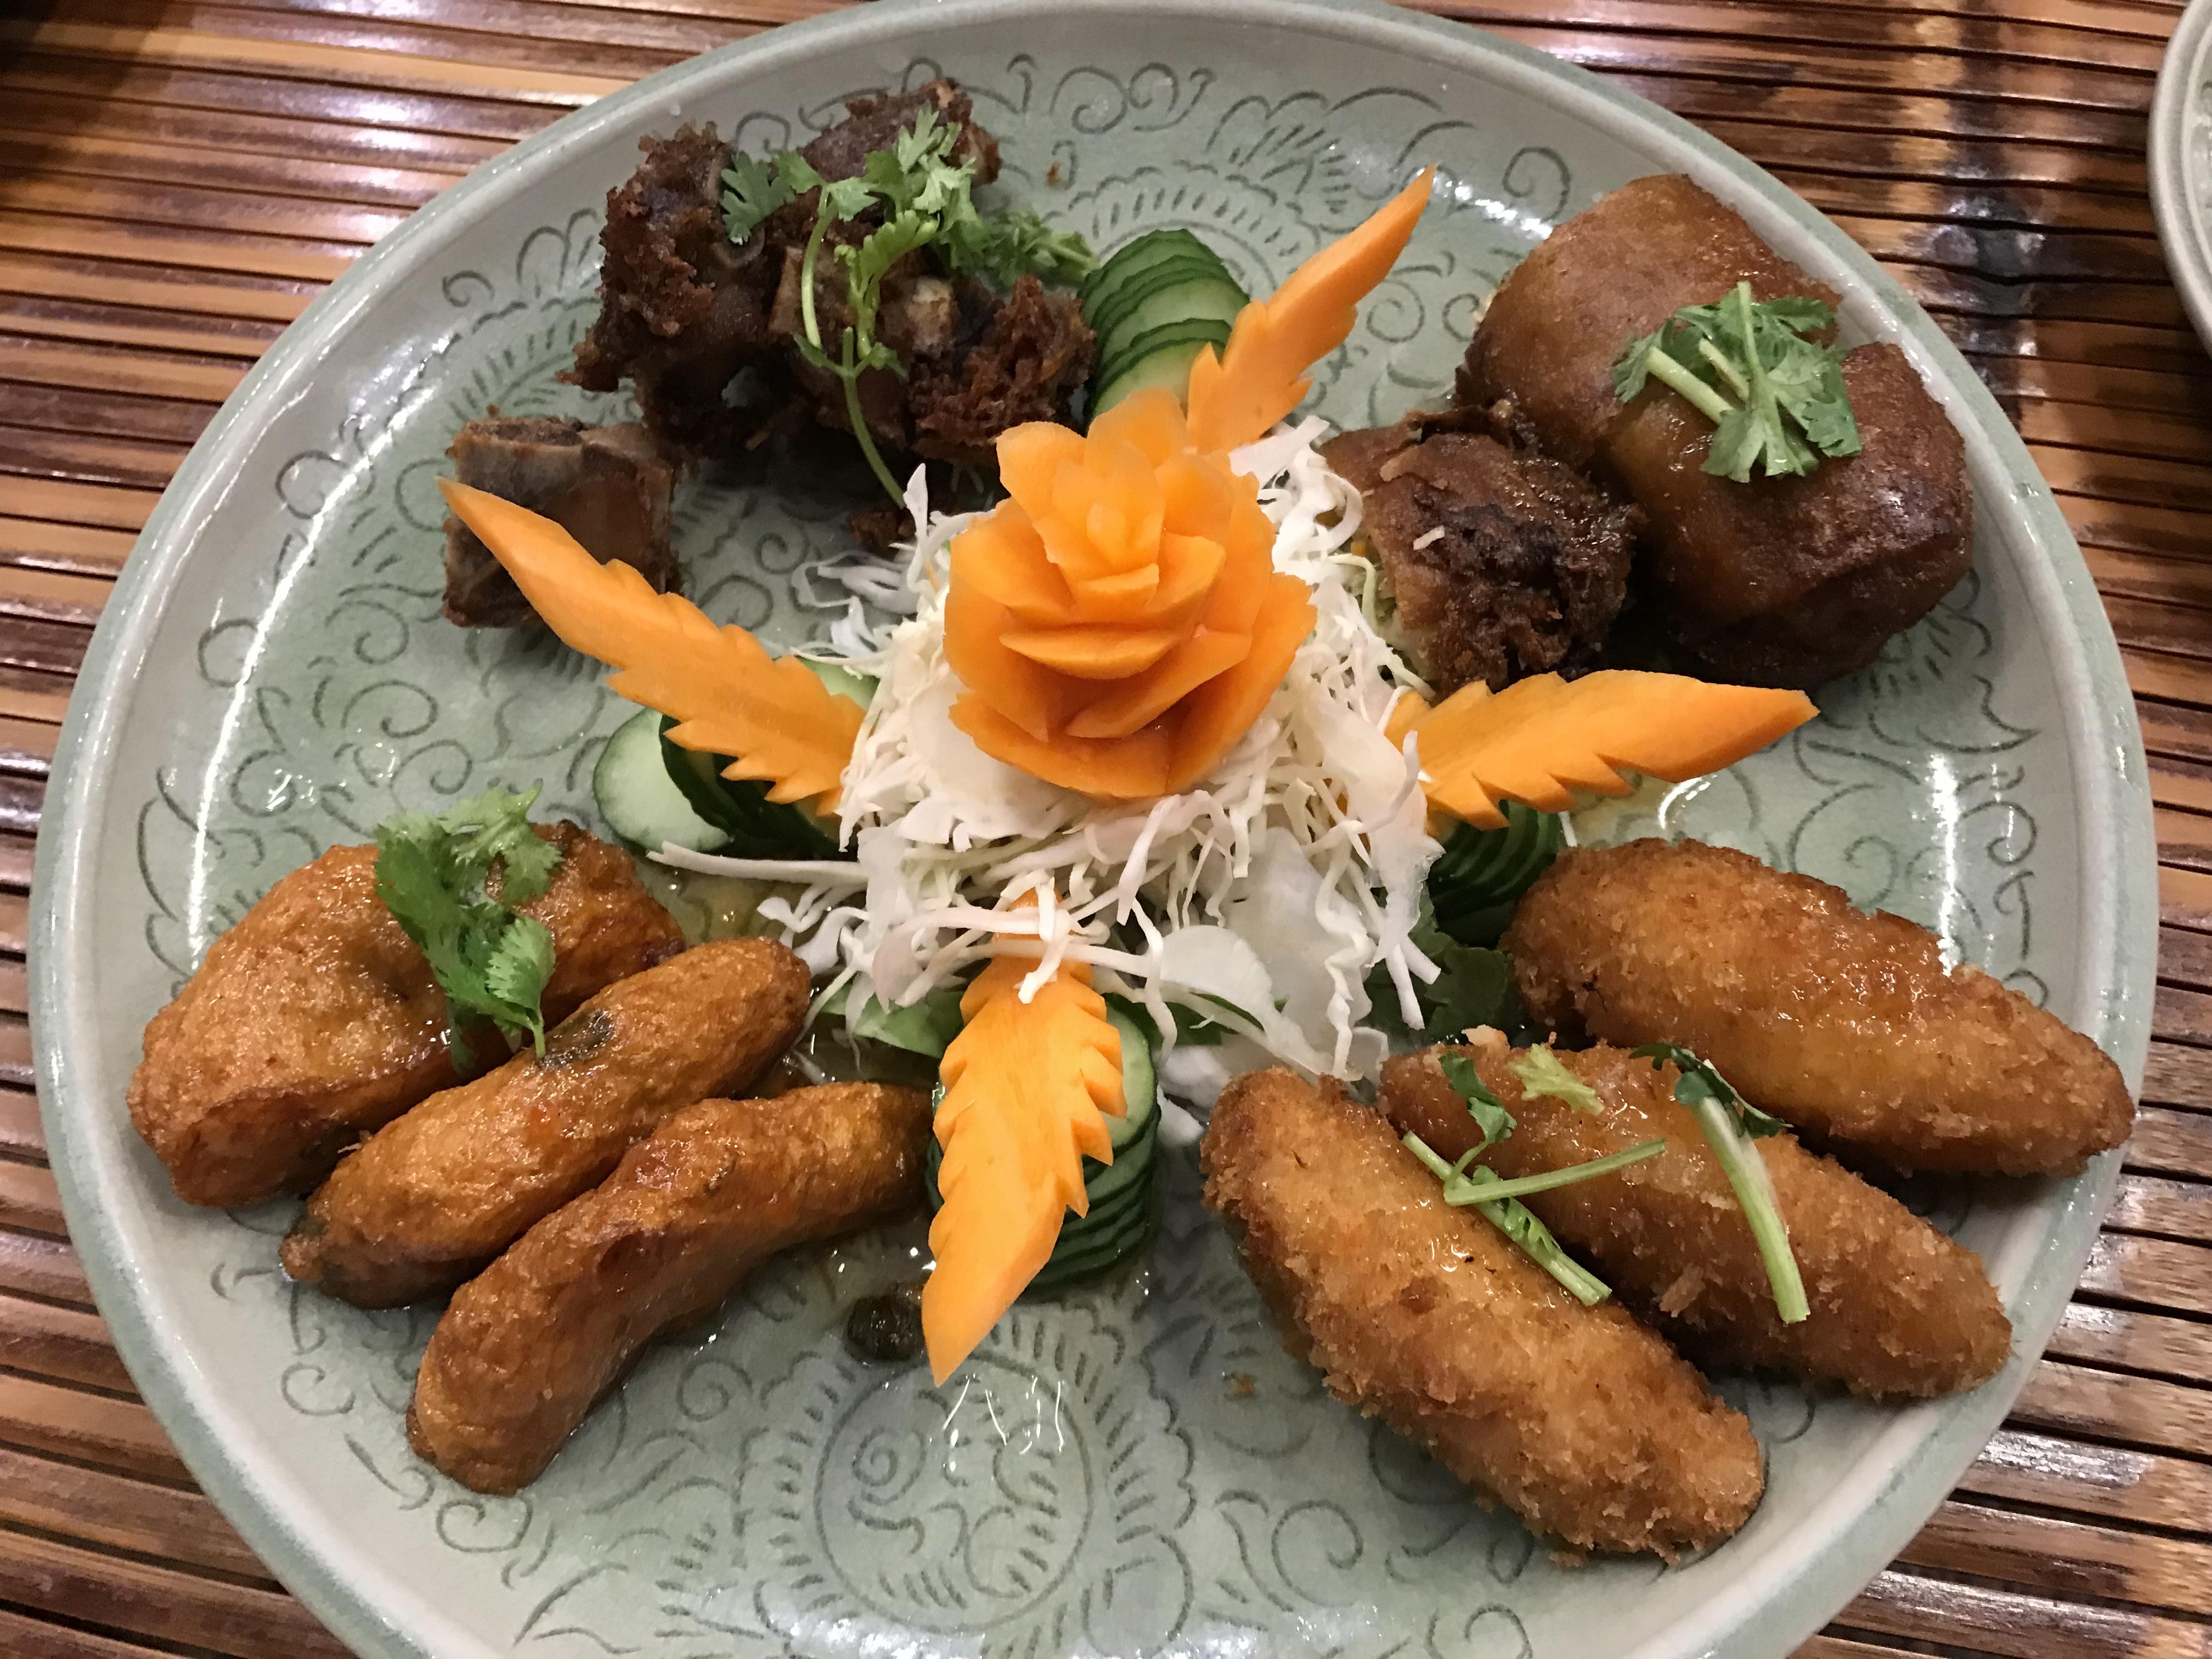 笹塚 家族でタイ料理が楽しめるレストラン セラドン 前菜の盛り合わせ